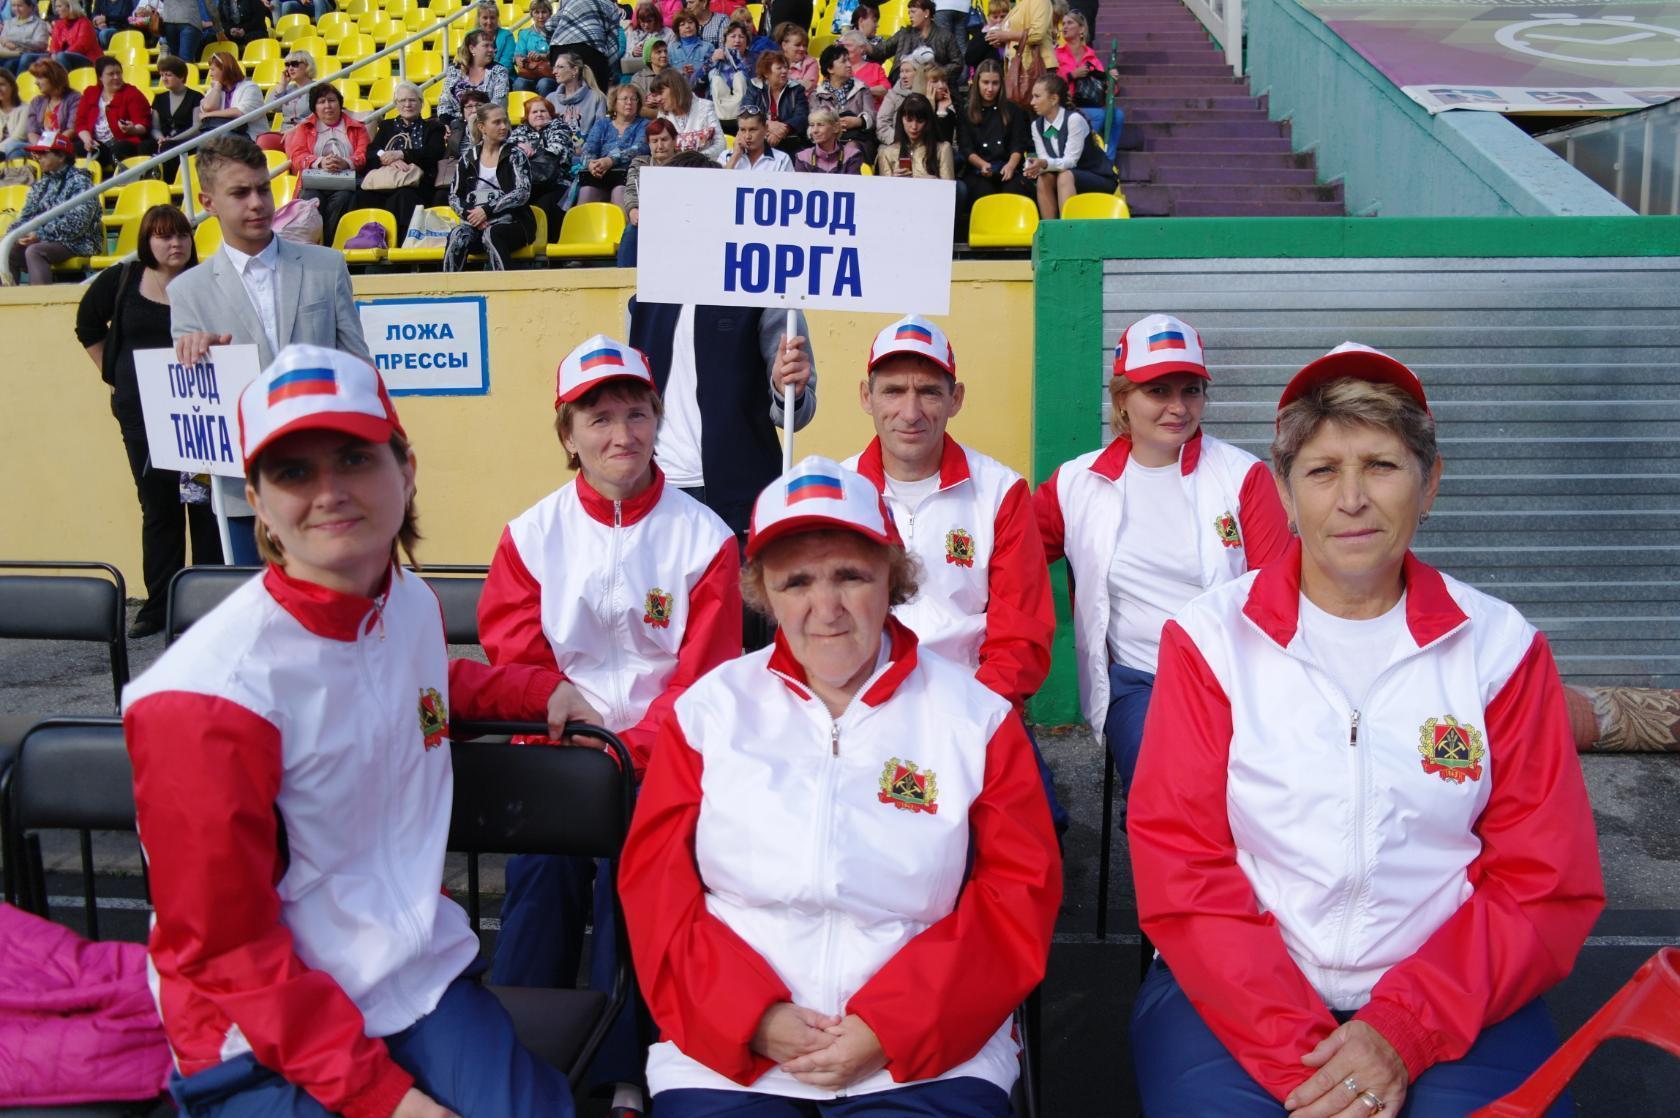 Оксана Шевлякова: «После 40 лет жизнь только началась»